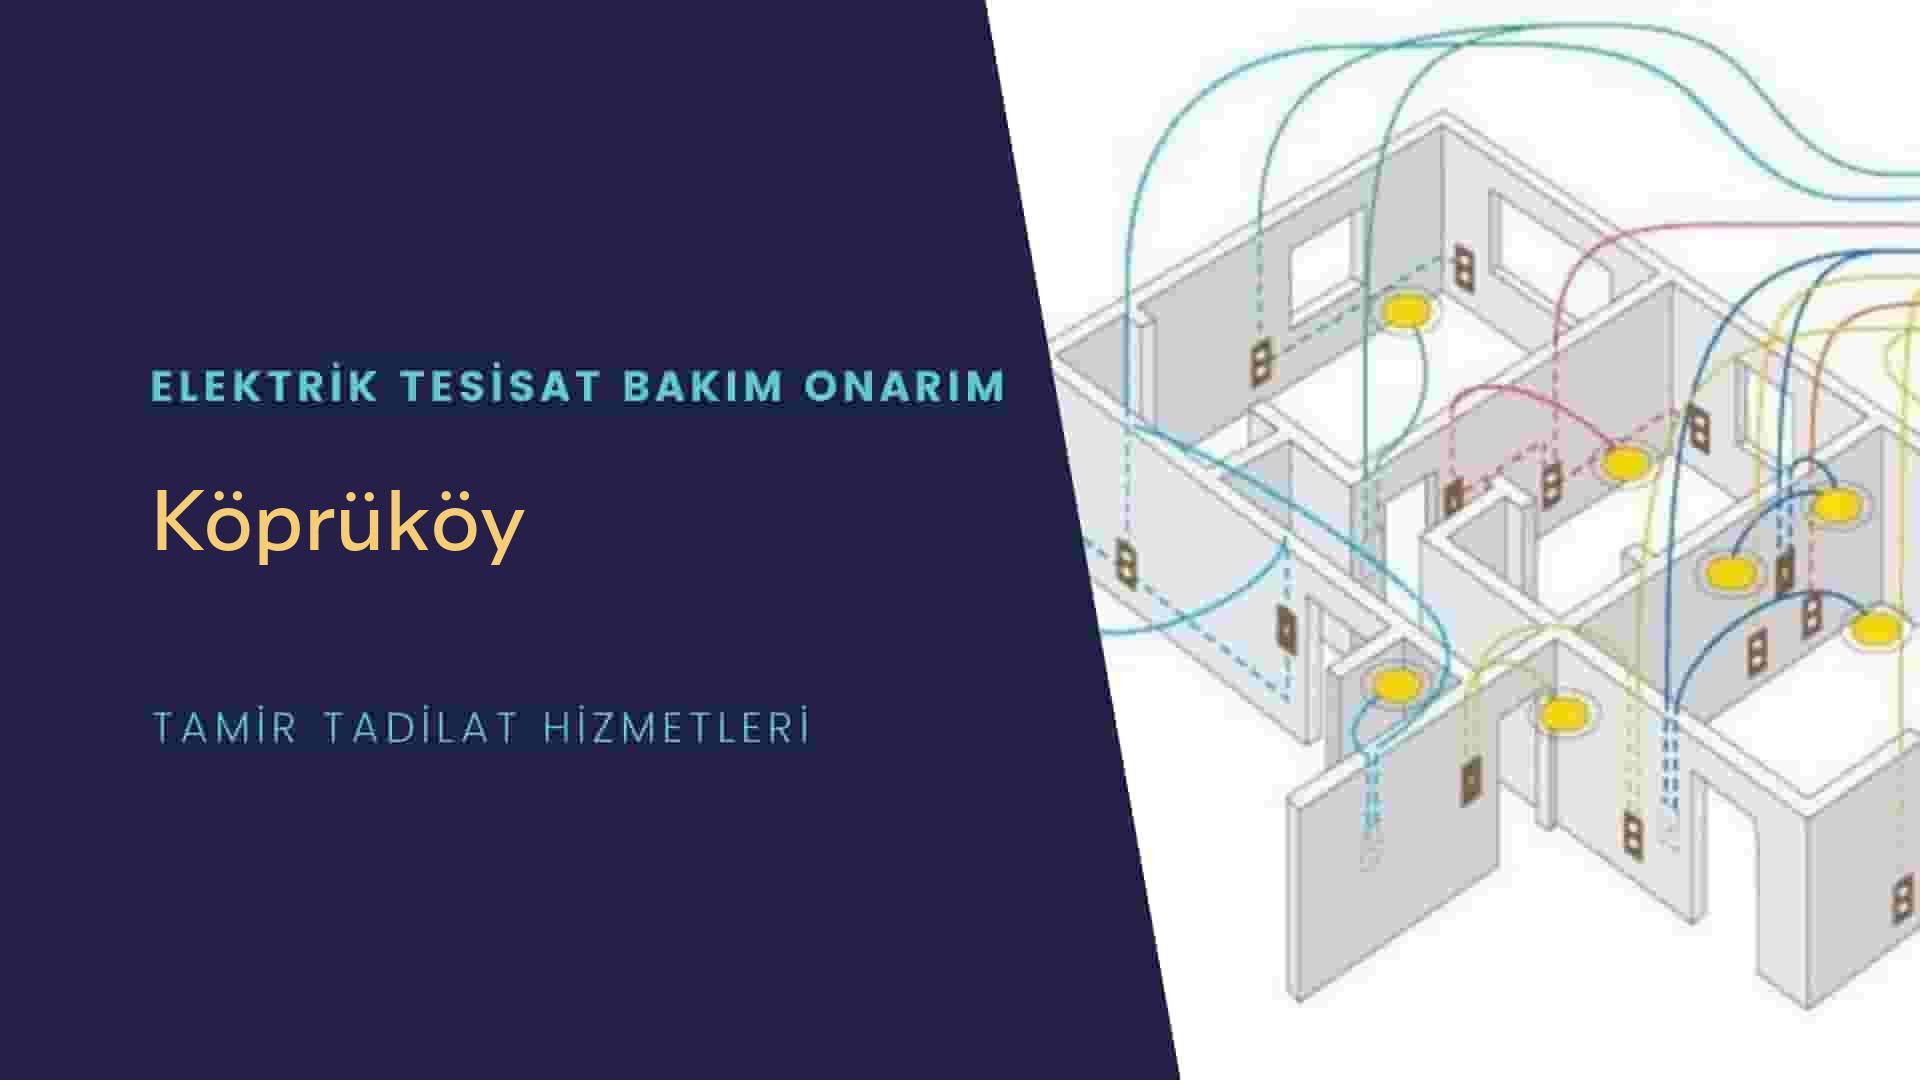 Köprüköy'de elektrik tesisatıustalarımı arıyorsunuz doğru adrestenizi Köprüköy elektrik tesisatı ustalarımız 7/24 sizlere hizmet vermekten mutluluk duyar.